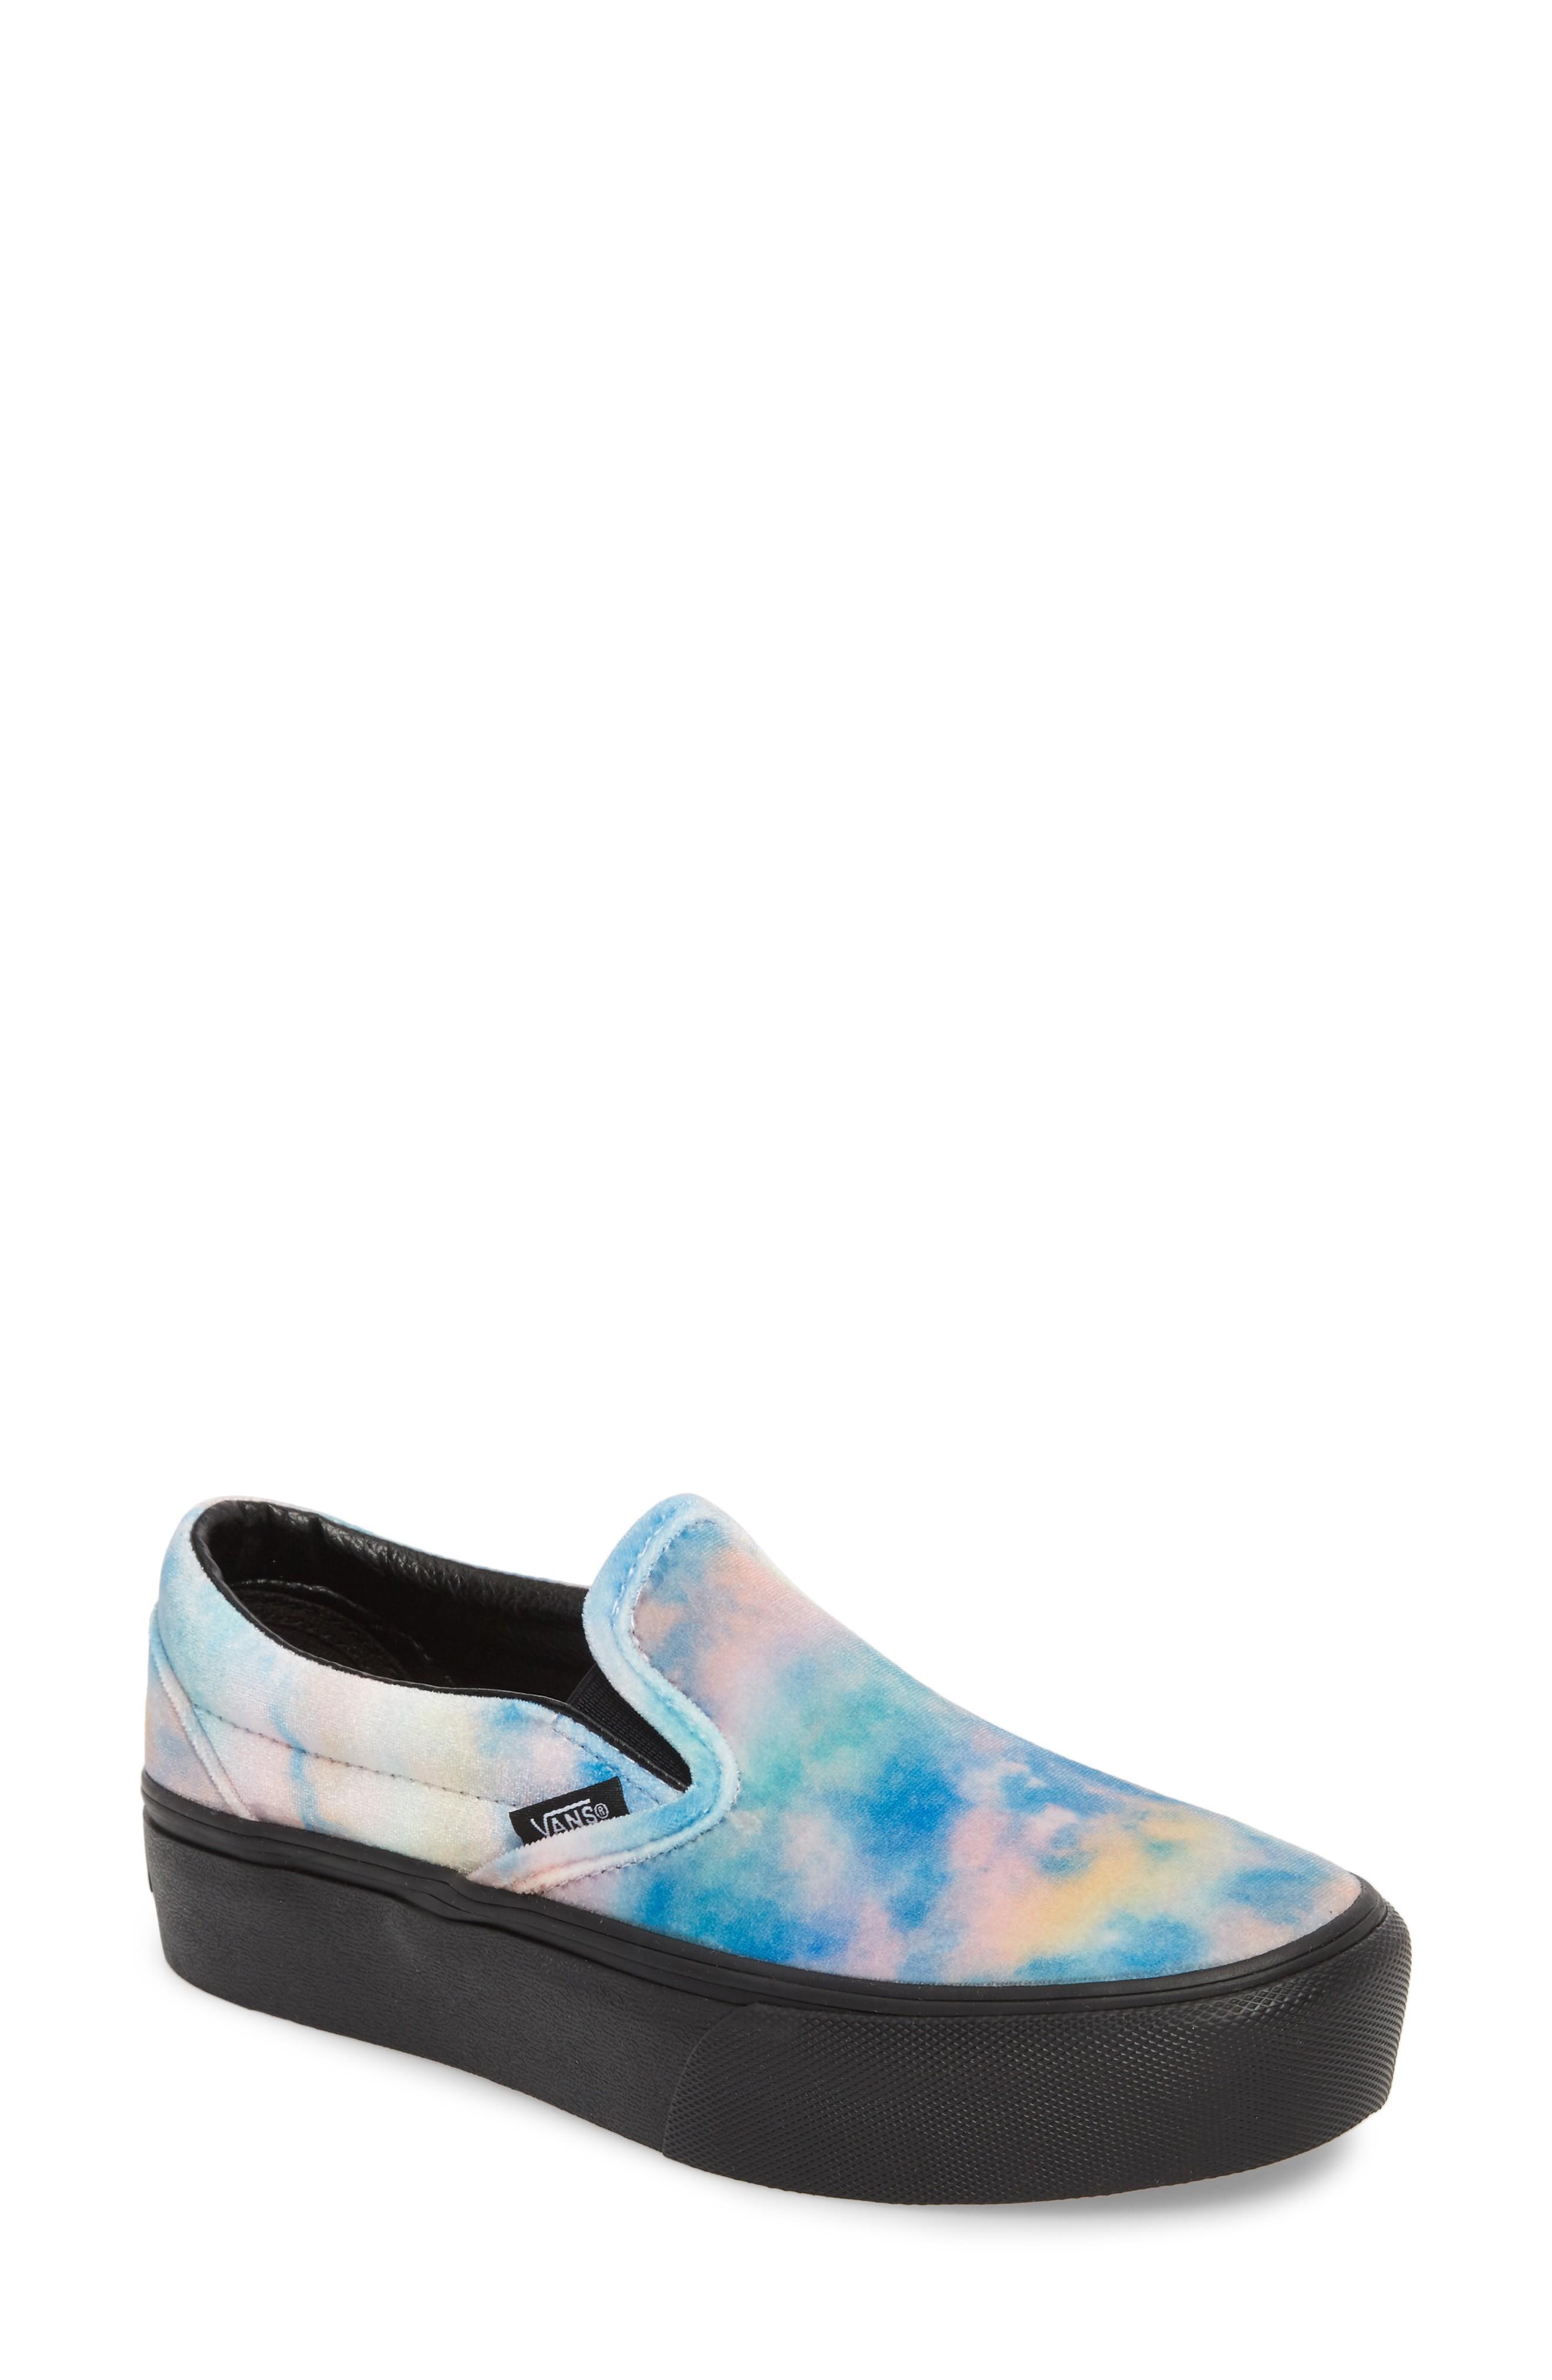 1e53b2675ce8 Vans Platform Slip-On Sneaker In Velvet Tie-Dye Multi  Black